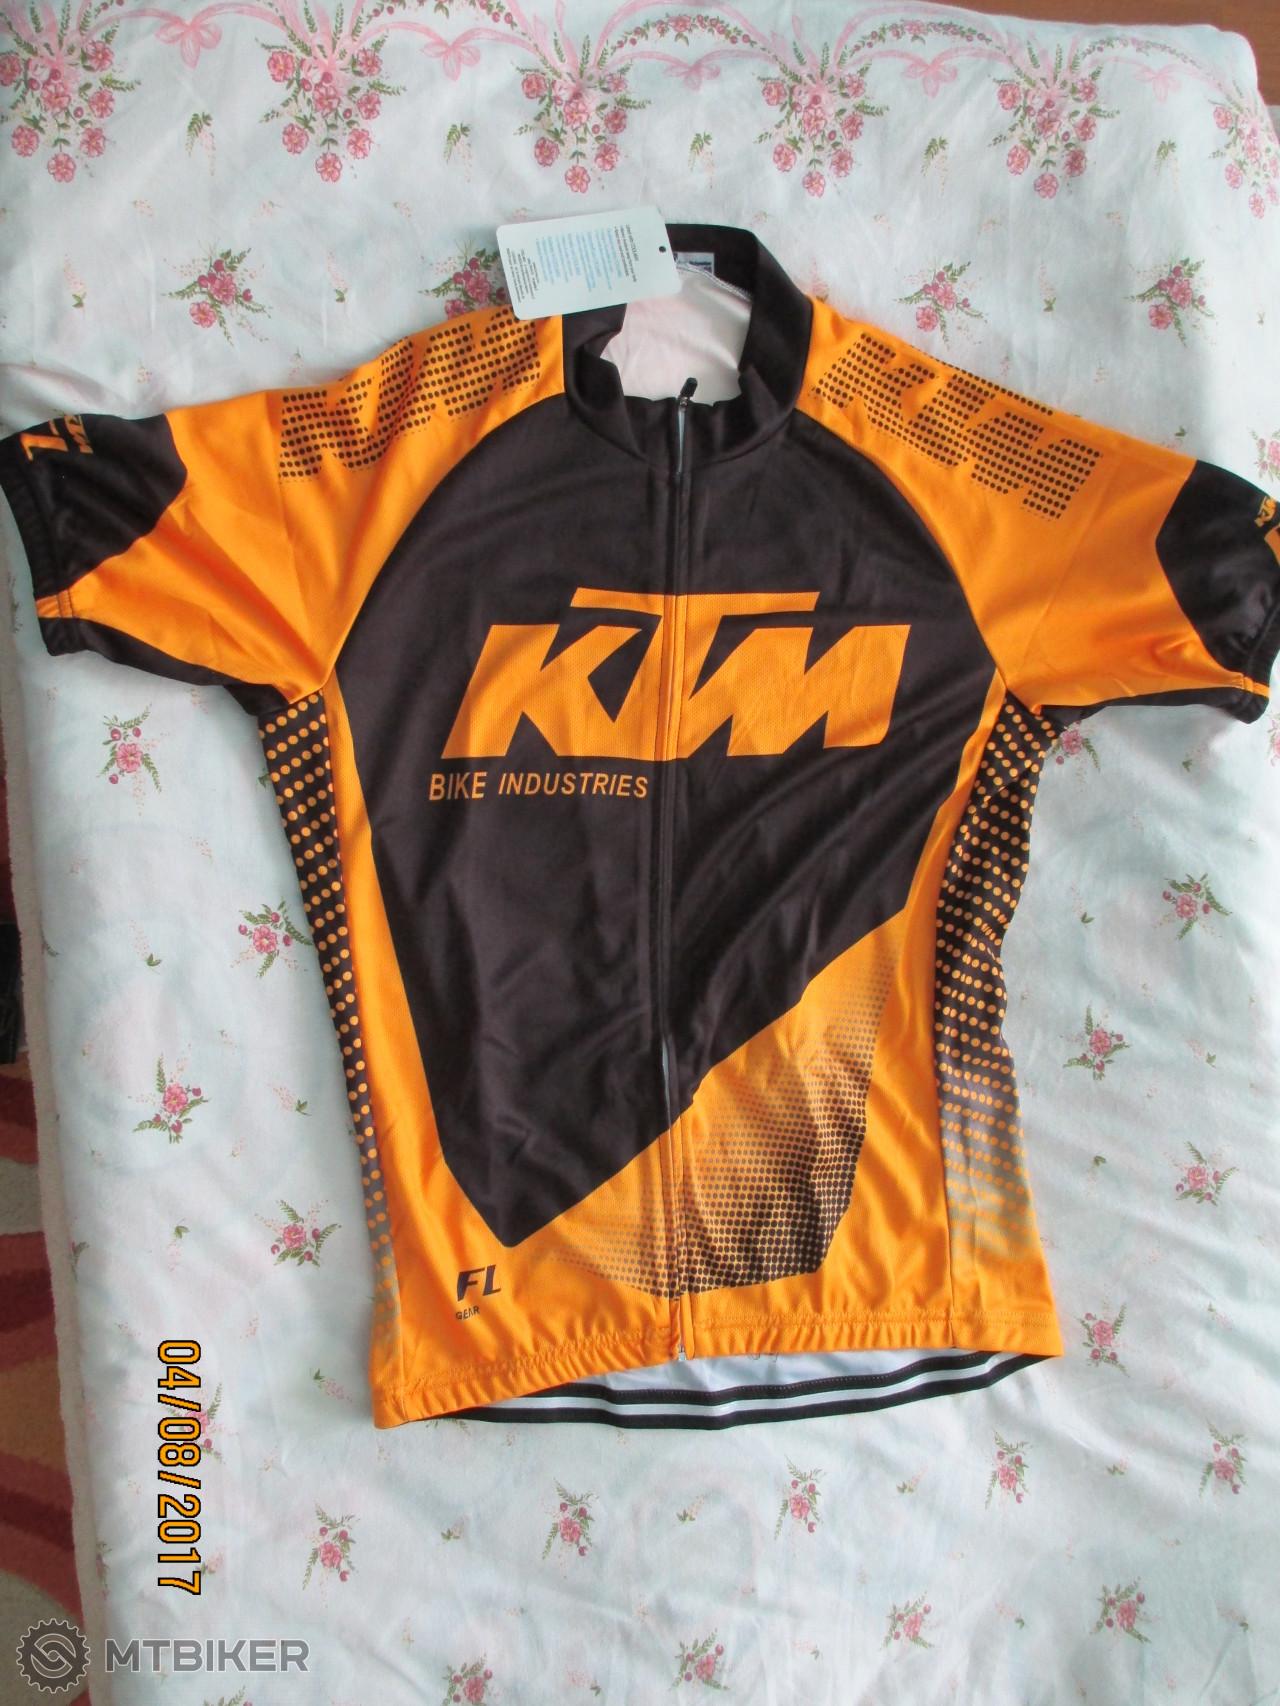 a9a2e6c4c829b Predám Cyklo Komplet Ktm Factory - Príslušenstvo - Oblečenie a batohy - Bazár  MTBIKER